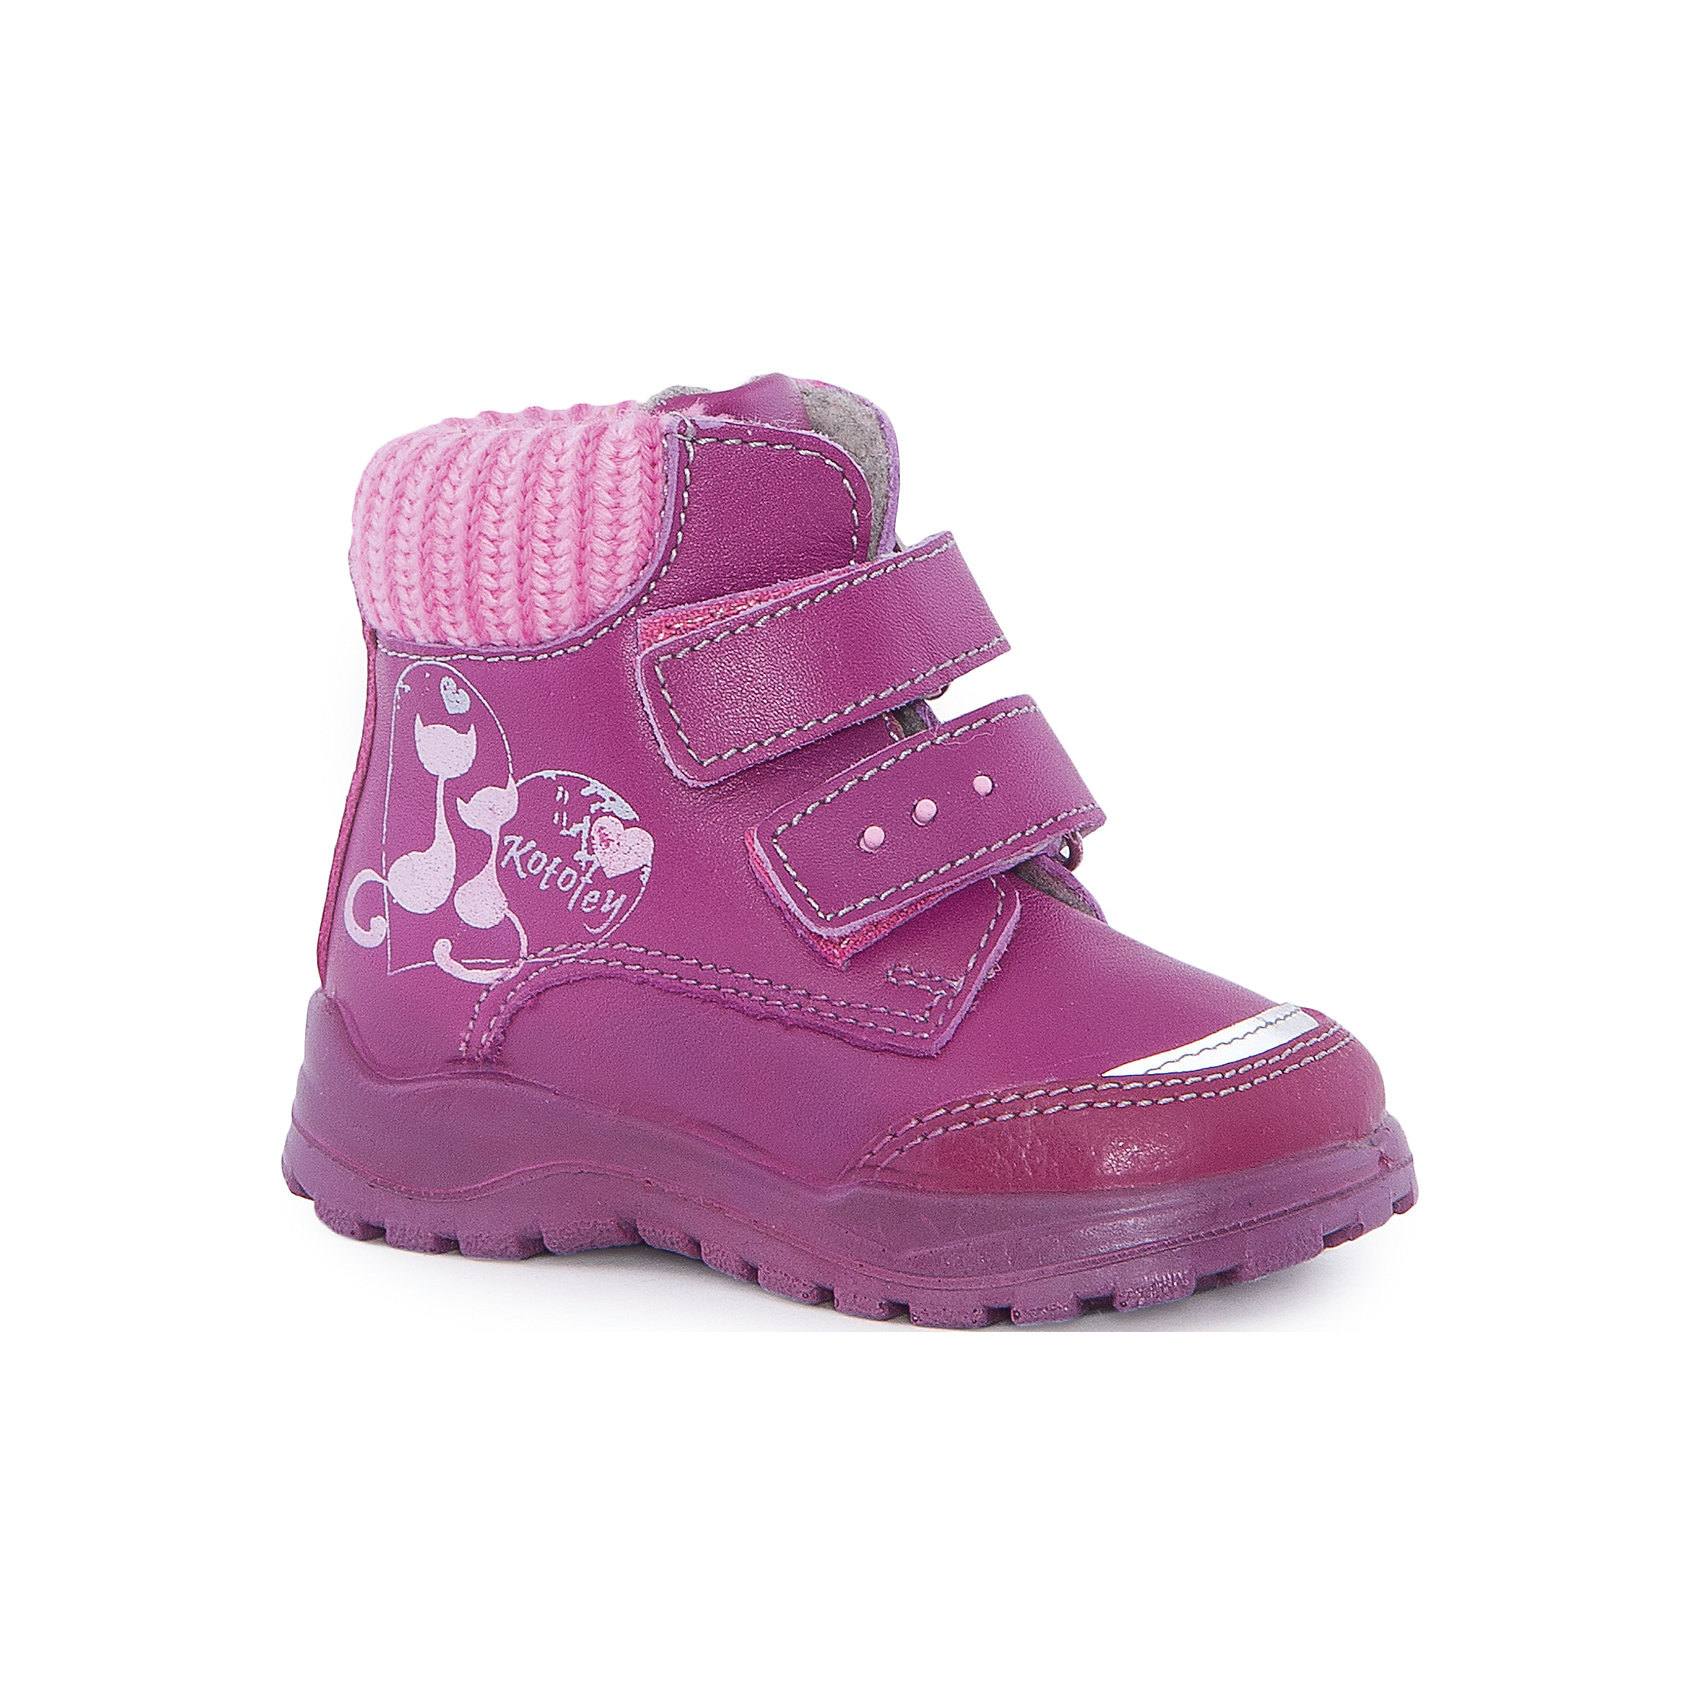 Ботинки для девочки КотофейБотинки для девочки Котофей.<br><br>Характеристики:<br><br>- Внешний материал: натуральная кожа<br>- Внутренний материал: байка<br>- Стелька: войлок<br>- Подошва: полиуретан<br>- Тип застежки: липучки<br>- Вид крепления обуви: литьевой<br>- Температурный редим до -10С<br>- Цвет: фуксия<br>- Сезон: весна, осень<br>- Пол: для девочек<br><br>Удобные ботинки для девочки торговой марки Котофей – отличный выбор для межсезонья. Верх модели выполнен из дышащей натуральной кожи, которая обладает гидрофобными свойствами. Носочная часть, задник и берец дополнительно усилены кожаной накладкой, повышающей износостойкость. Подкладка – утеплённая, из полушерстяной байки. Дополнительную защиту от прохлады придаёт войлочная стелька, которую можно вытащить для просушки, воспользовавшись специальной петлёй. Подошва литьевого метода крепления легкая и гибкая, имеет анатомическую форму следа, повторяя изгибы свода стопы. Благодаря этому ножки будут чувствовать себя комфортно весь день! Два ремня с липучками позволяют не только быстро обувать и снимать обувь, но и обеспечивают плотное прилегание обуви к стопе. Мягкий трикотажный манжет создает комфорт при ходьбе и предотвращает натирание ножки ребенка. Дизайн соответствует как европейским тенденциям, так и учитывает положительный опыт отечественного производства, что придаёт этой модели эффектный внешний вид. Детская обувь «Котофей» качественна, красива, добротна, комфортна и долговечна. Она производится на Егорьевской обувной фабрике. Жесткий контроль производства и постоянное совершенствование технологий при многолетнем опыте позволяют считать компанию одним из лидеров среди отечественных производителей детской обуви.<br><br>Ботинки для девочки Котофей можно купить в нашем интернет-магазине.<br><br>Ширина мм: 262<br>Глубина мм: 176<br>Высота мм: 97<br>Вес г: 427<br>Цвет: розовый<br>Возраст от месяцев: 12<br>Возраст до месяцев: 15<br>Пол: Женский<br>Возраст: Детский<br>Размер: 21,24,23,22<br>SKU: 5023919